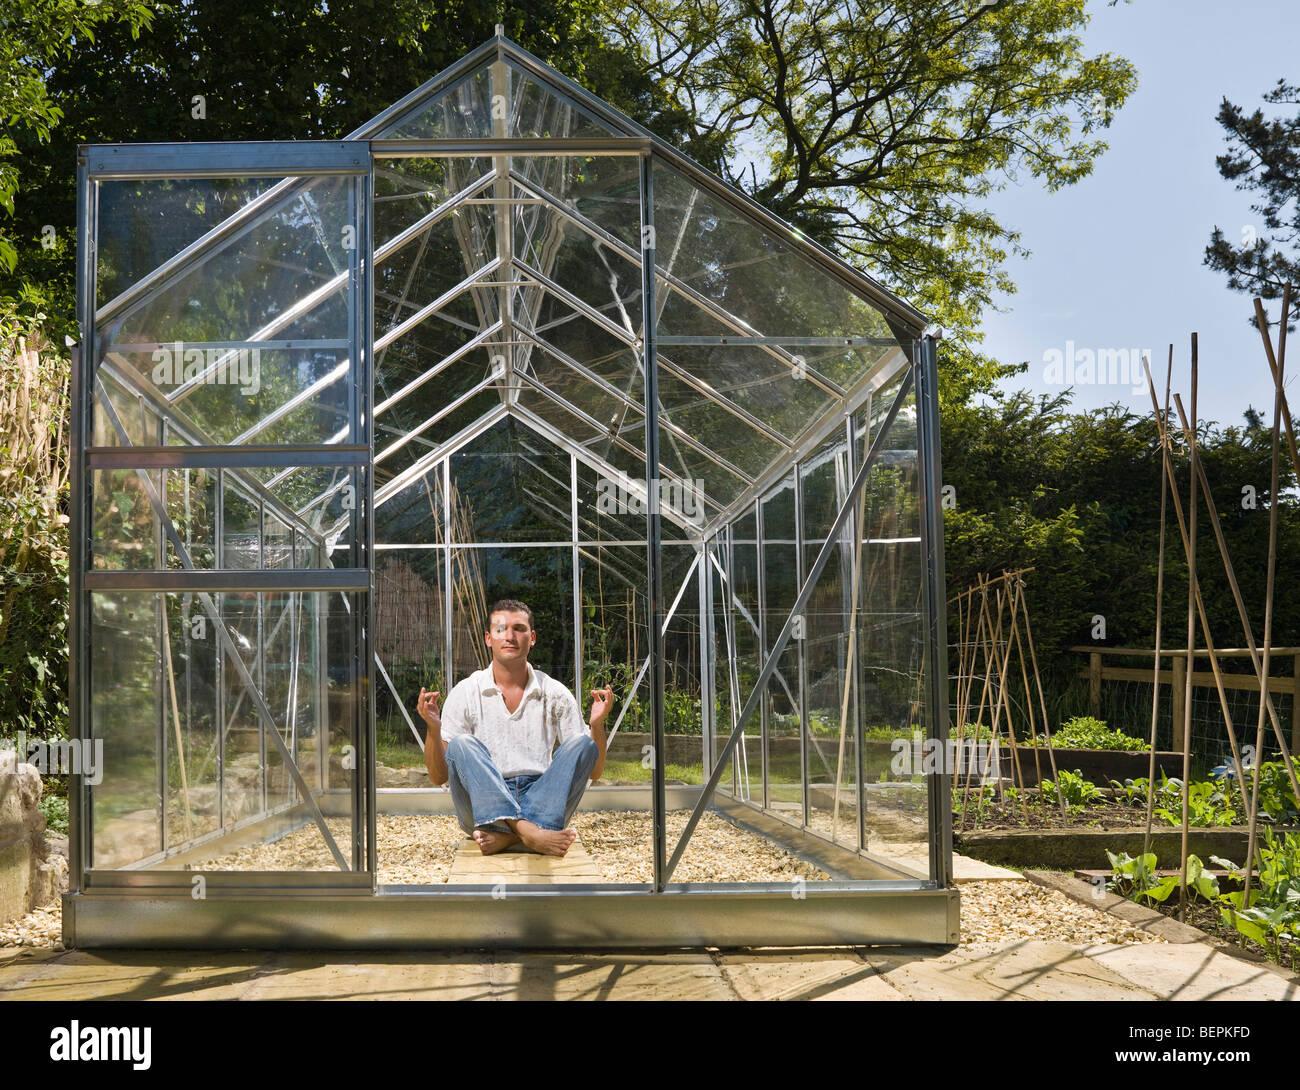 Homme méditant dans serre de jardin Photo Stock